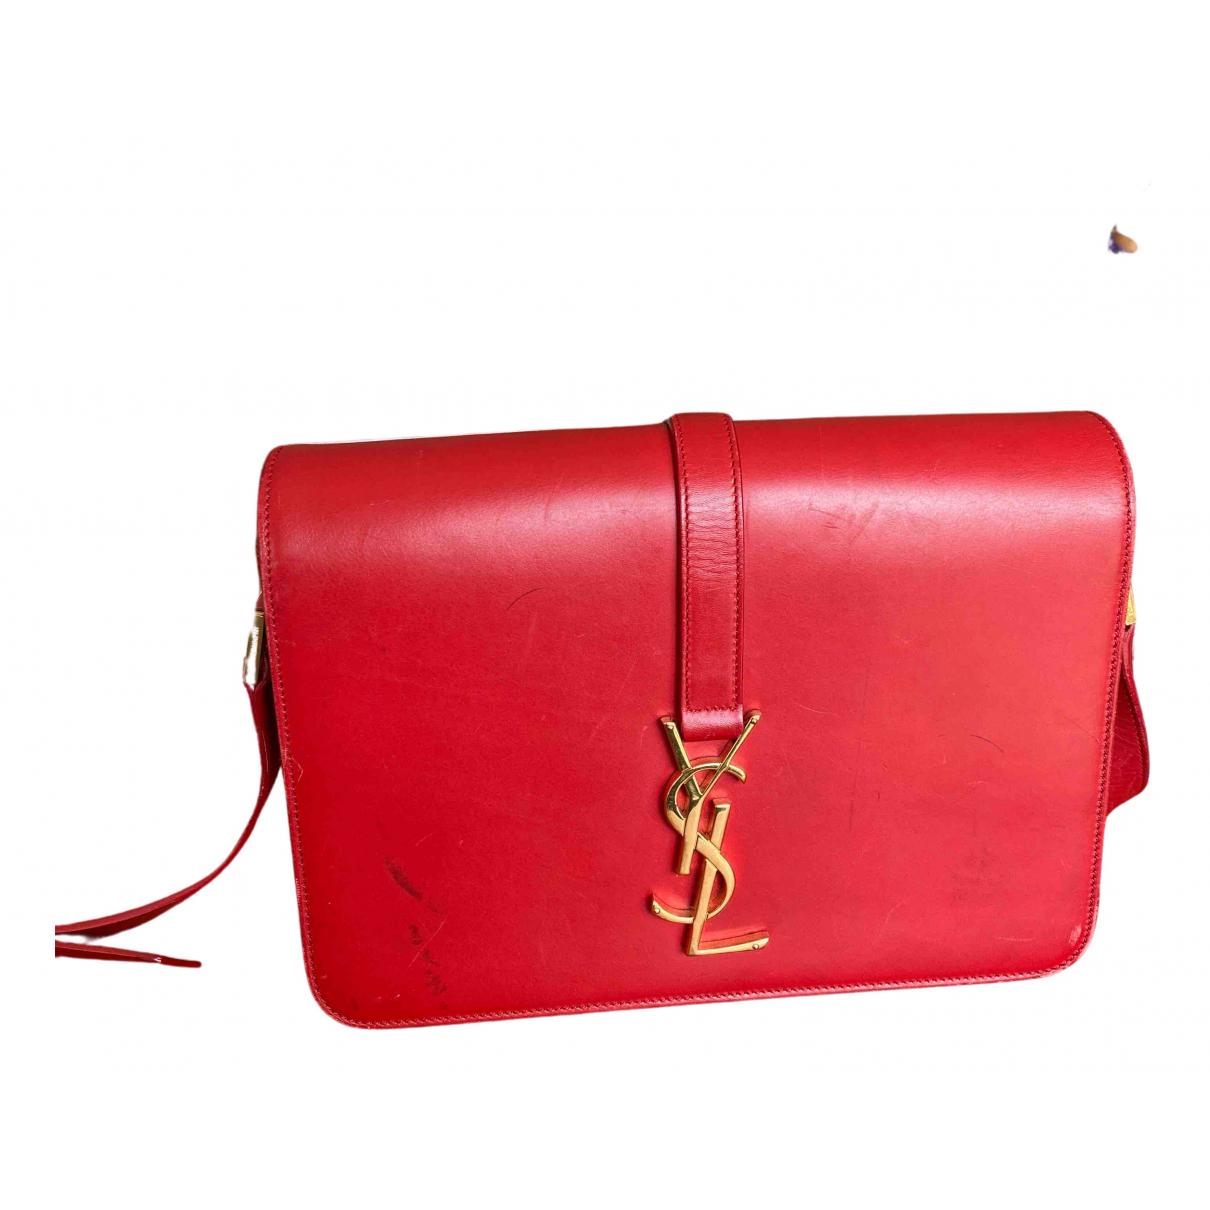 Saint Laurent Universite Handtasche in  Rot Leder